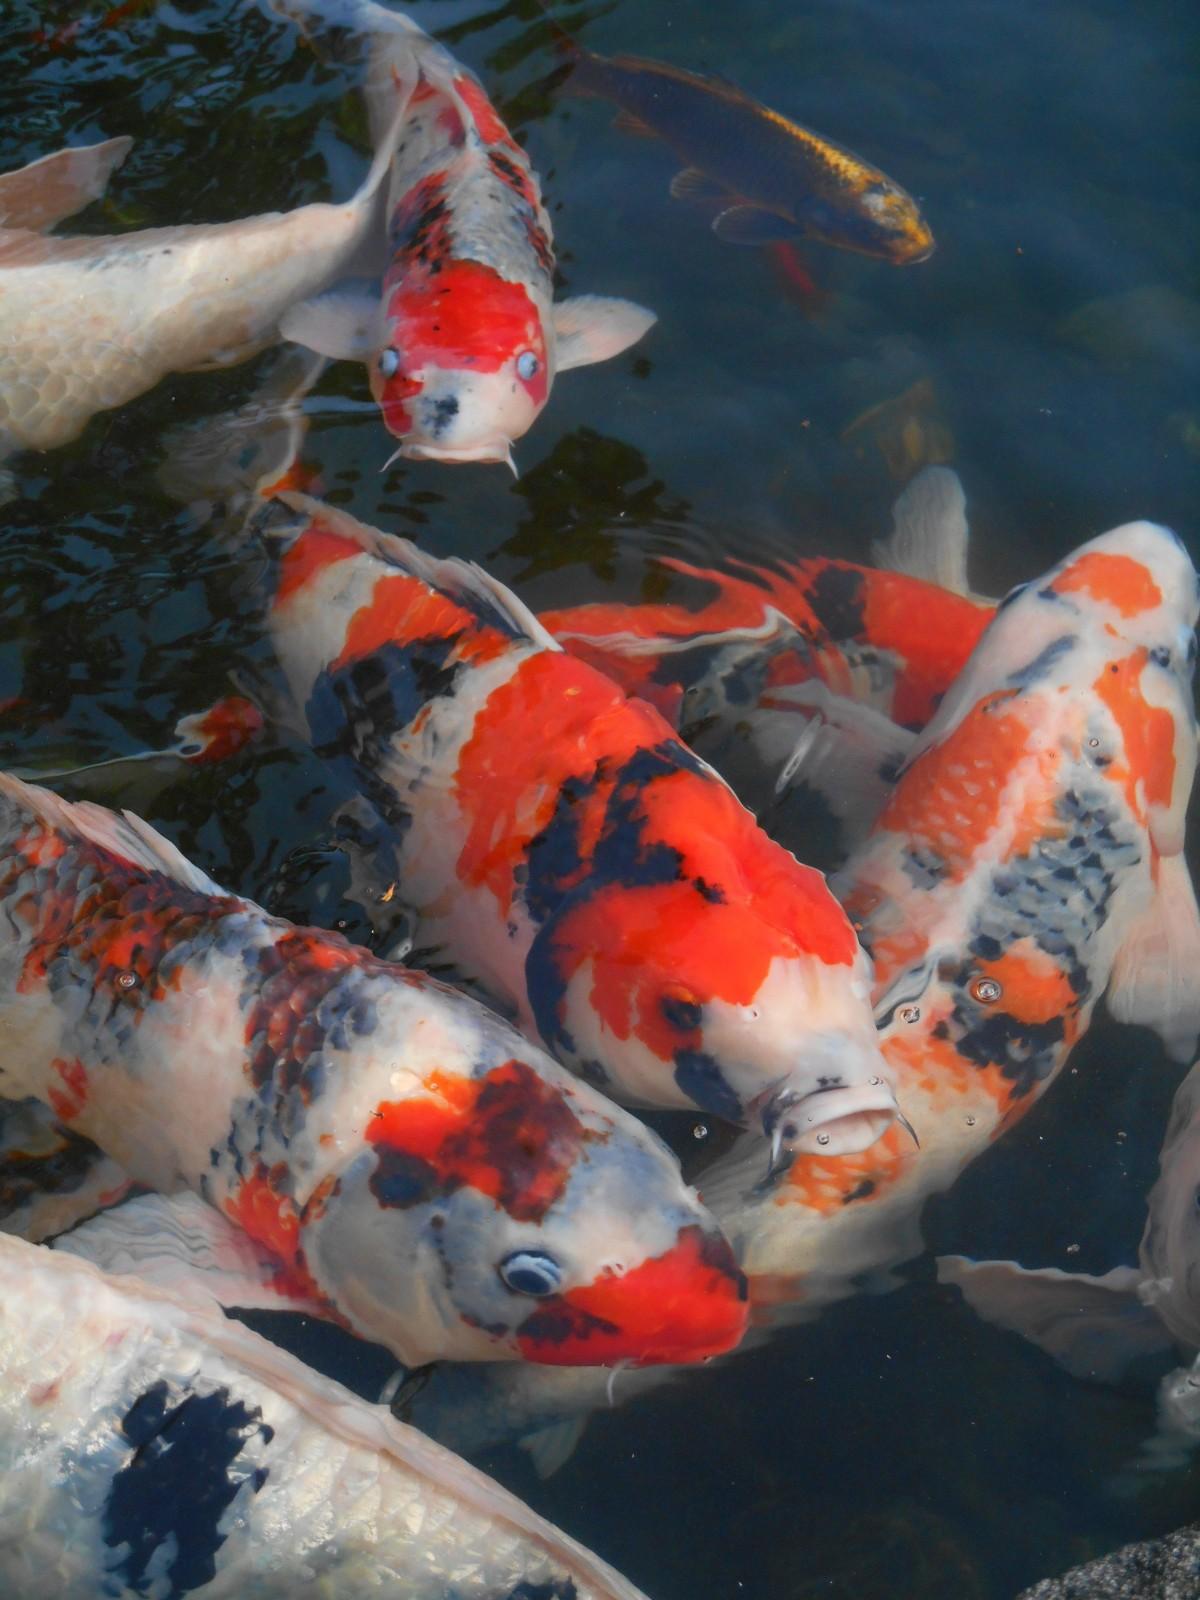 Fotos gratis pescado jap n v vido koi carpa peces for Carpas para acuario